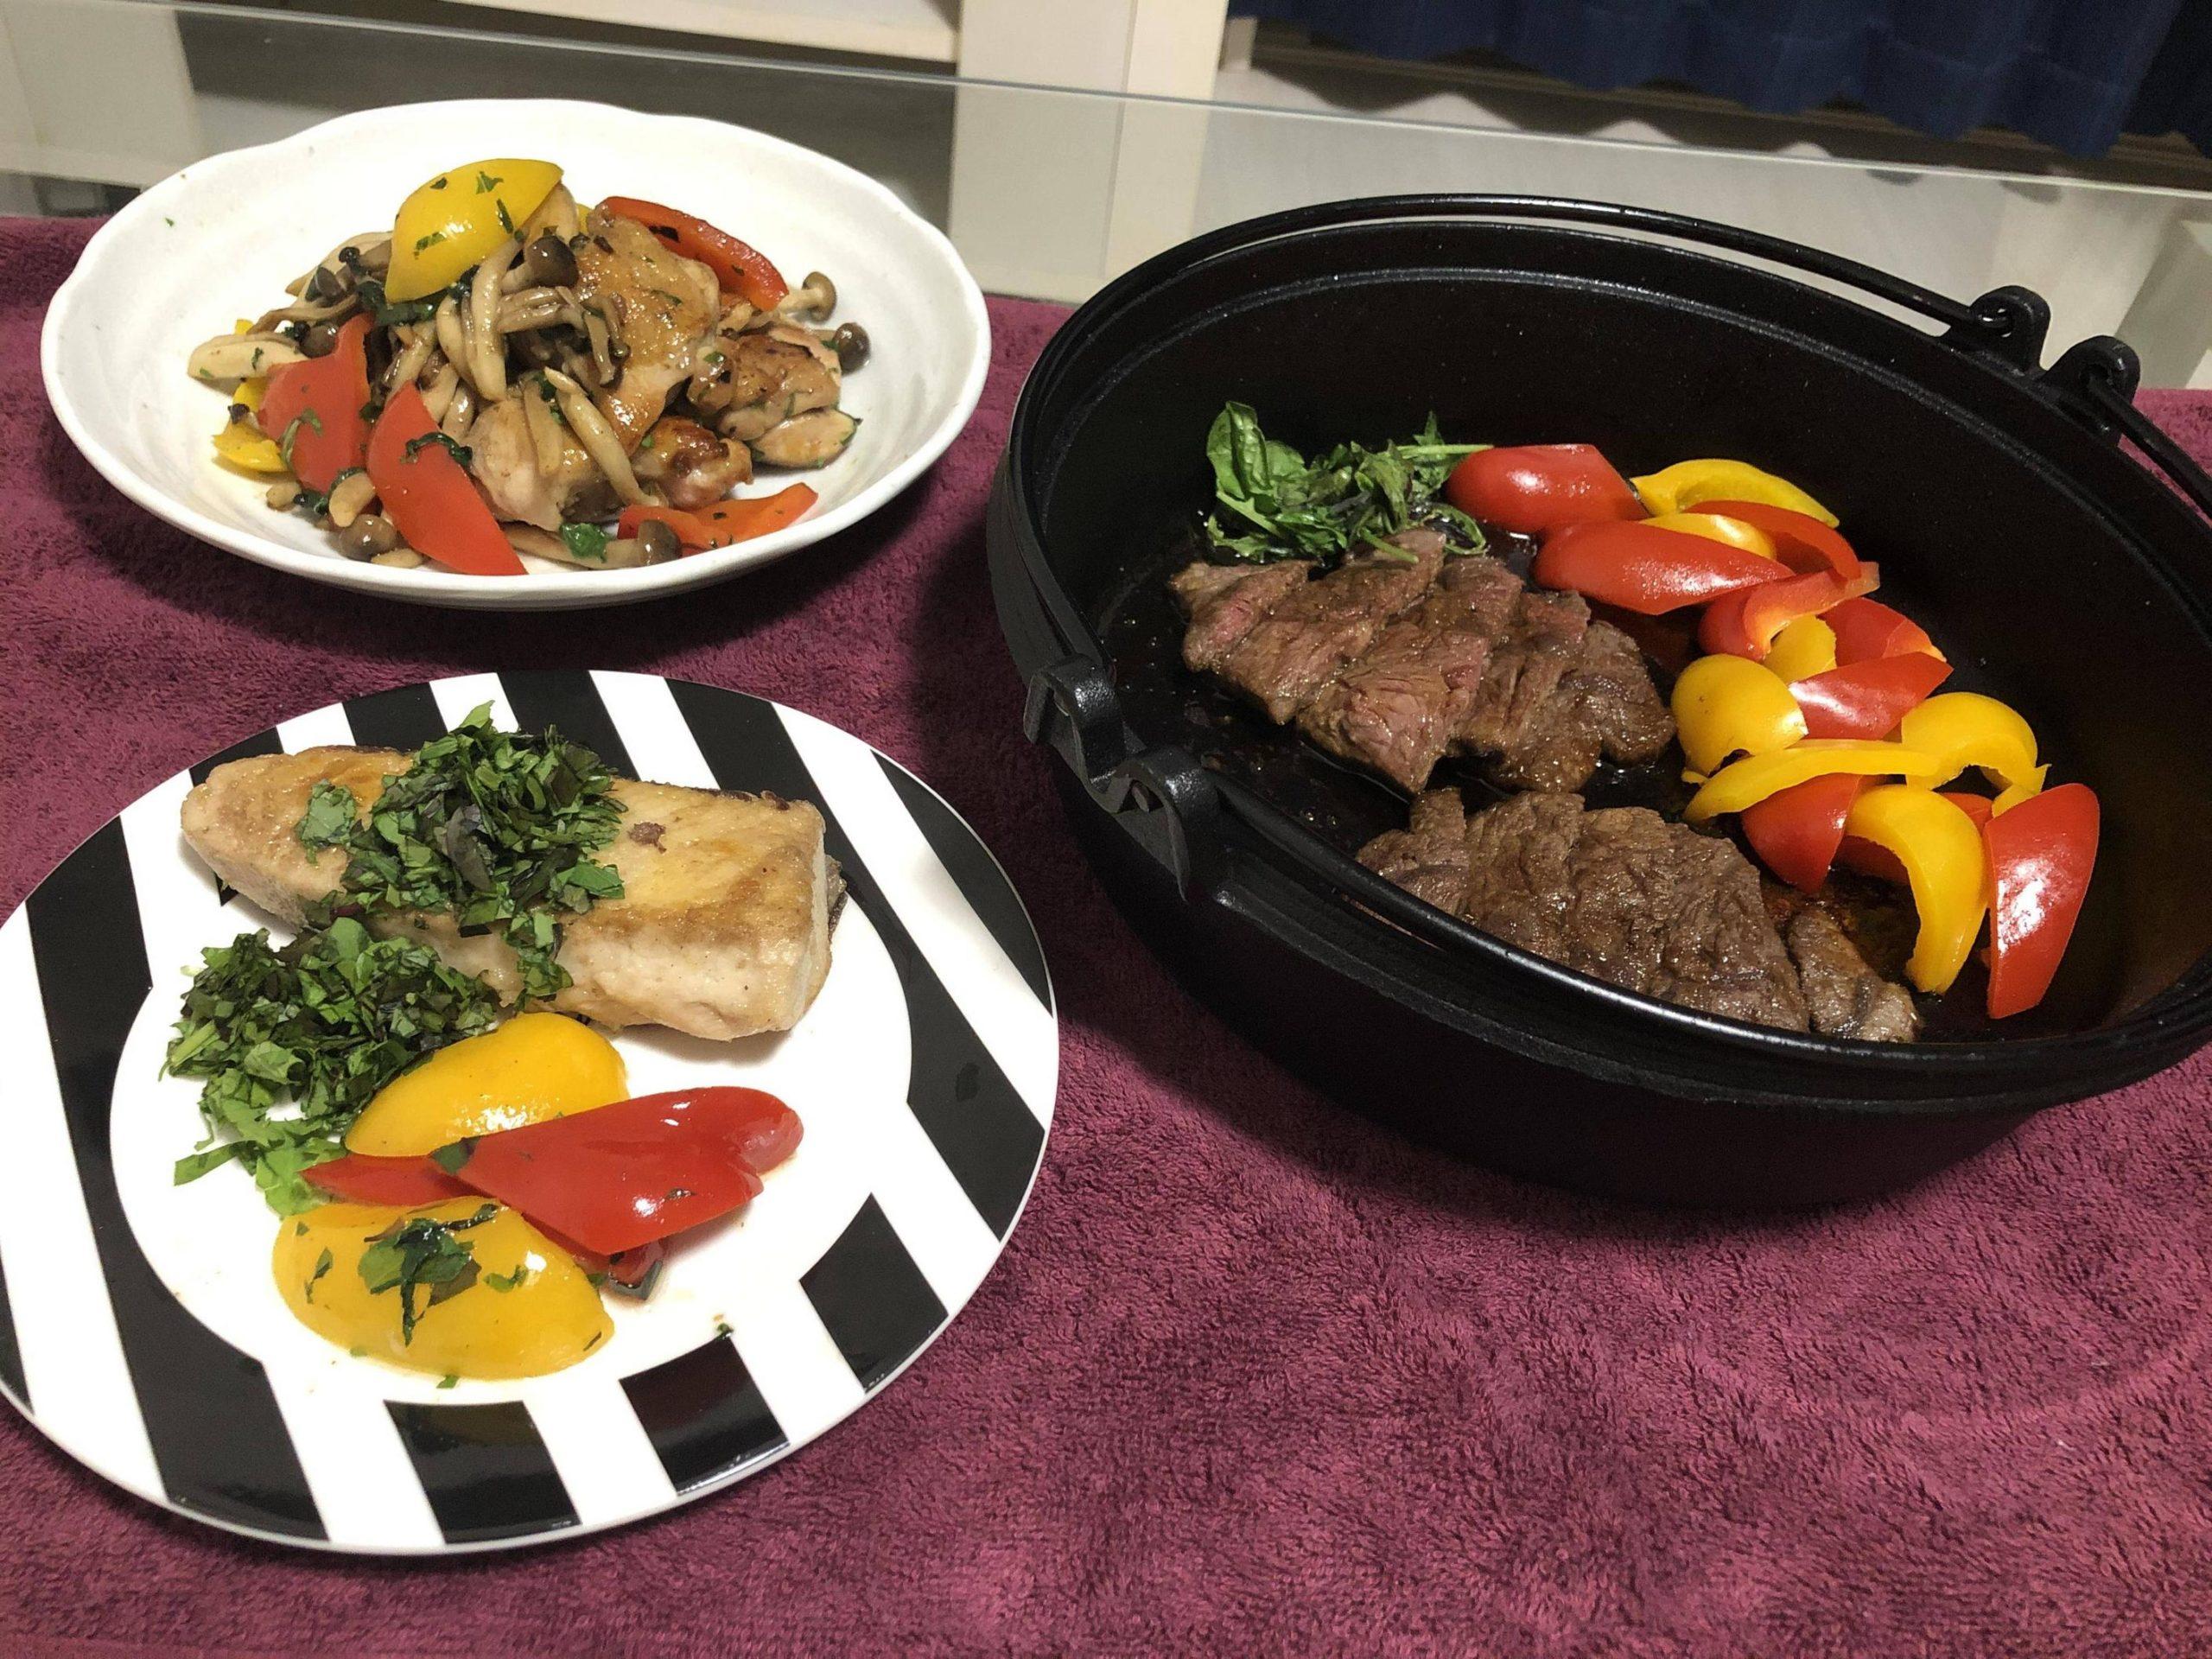 イタリアン風料理「バジルチキンと鰤のムニエルとステーキ」作った